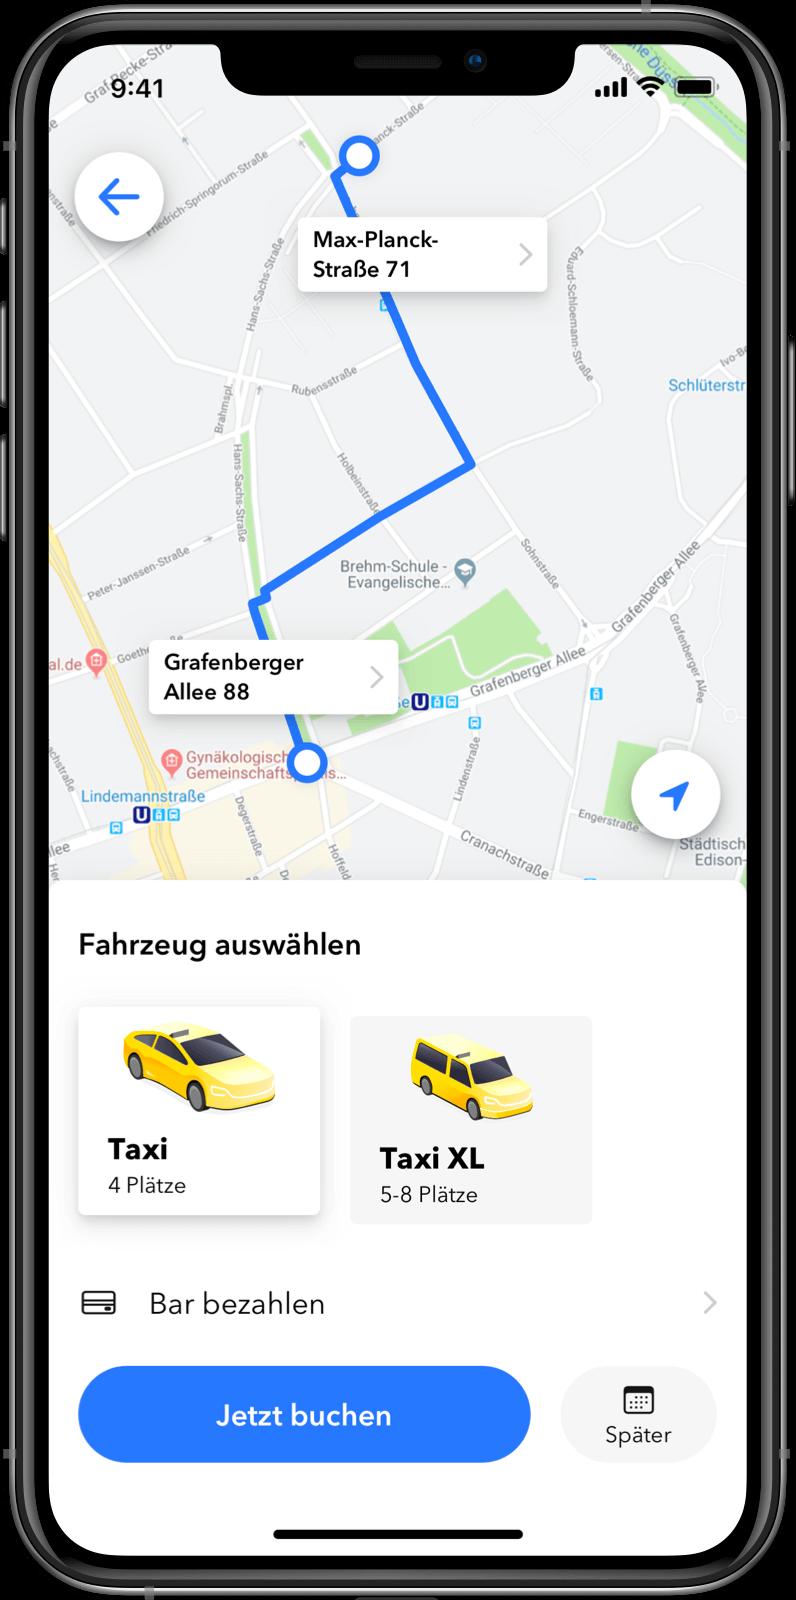 Taxi Software Kunden-App: Auswahl des Fahrzeugs